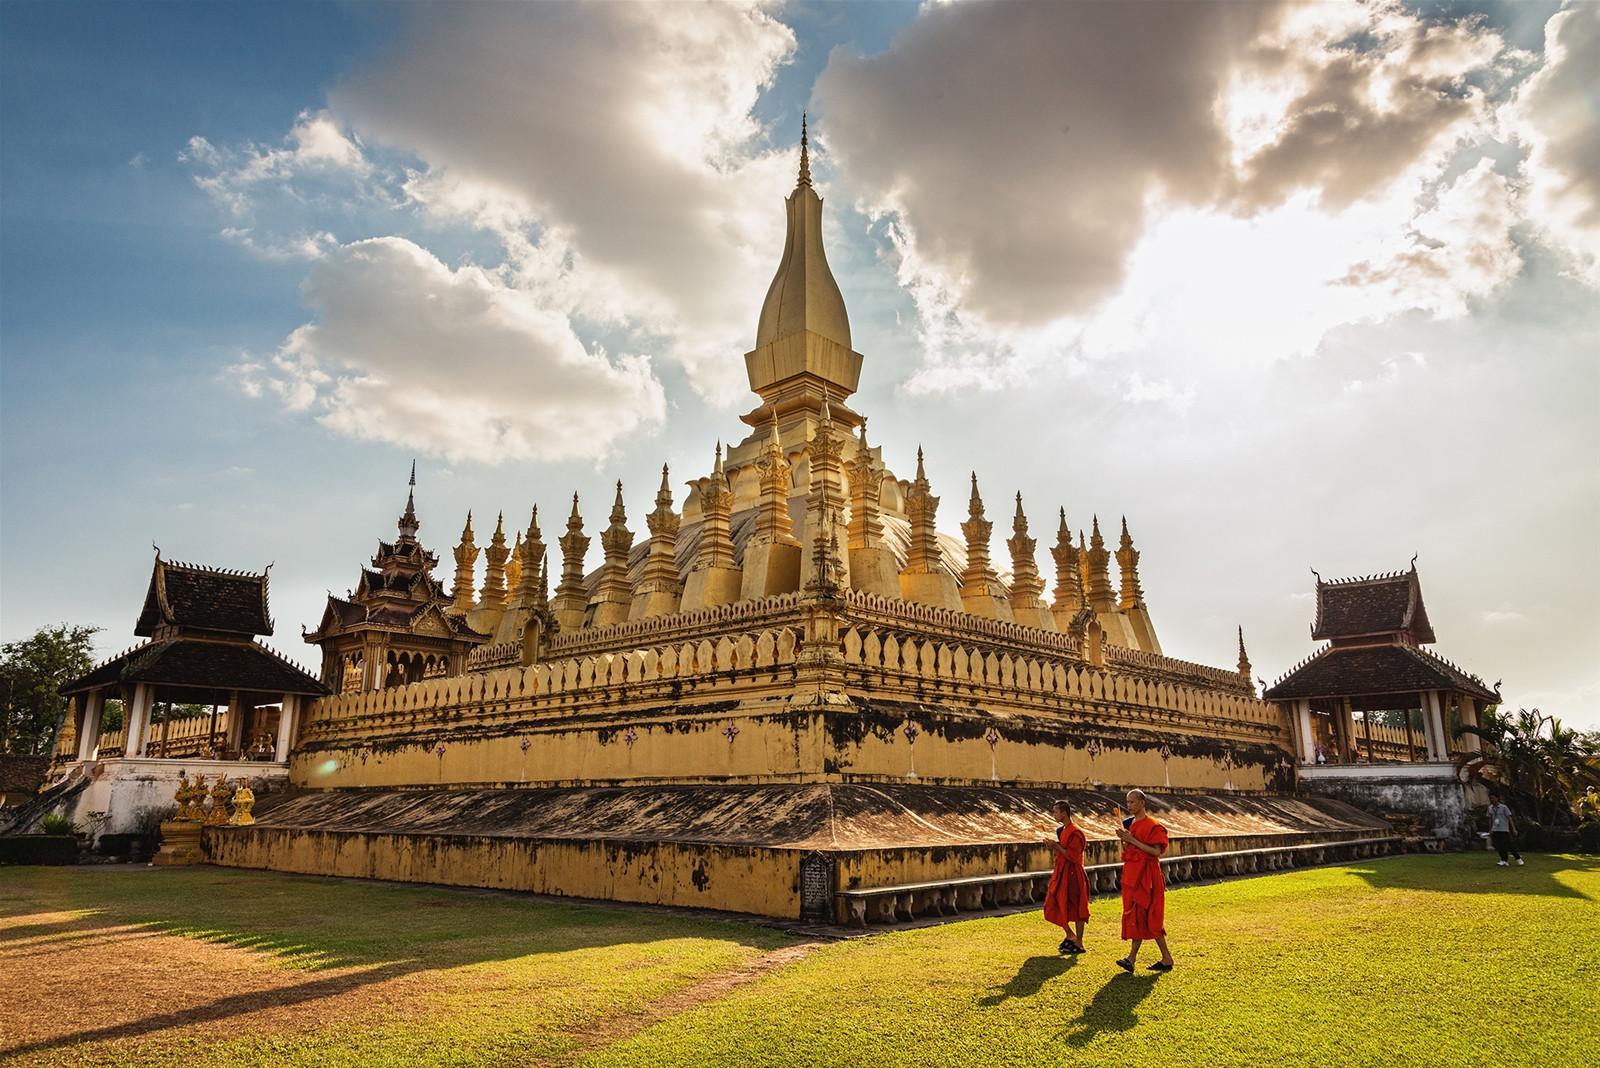 4 lưu ý để có chuyến du lịch Lào hoàn hảo